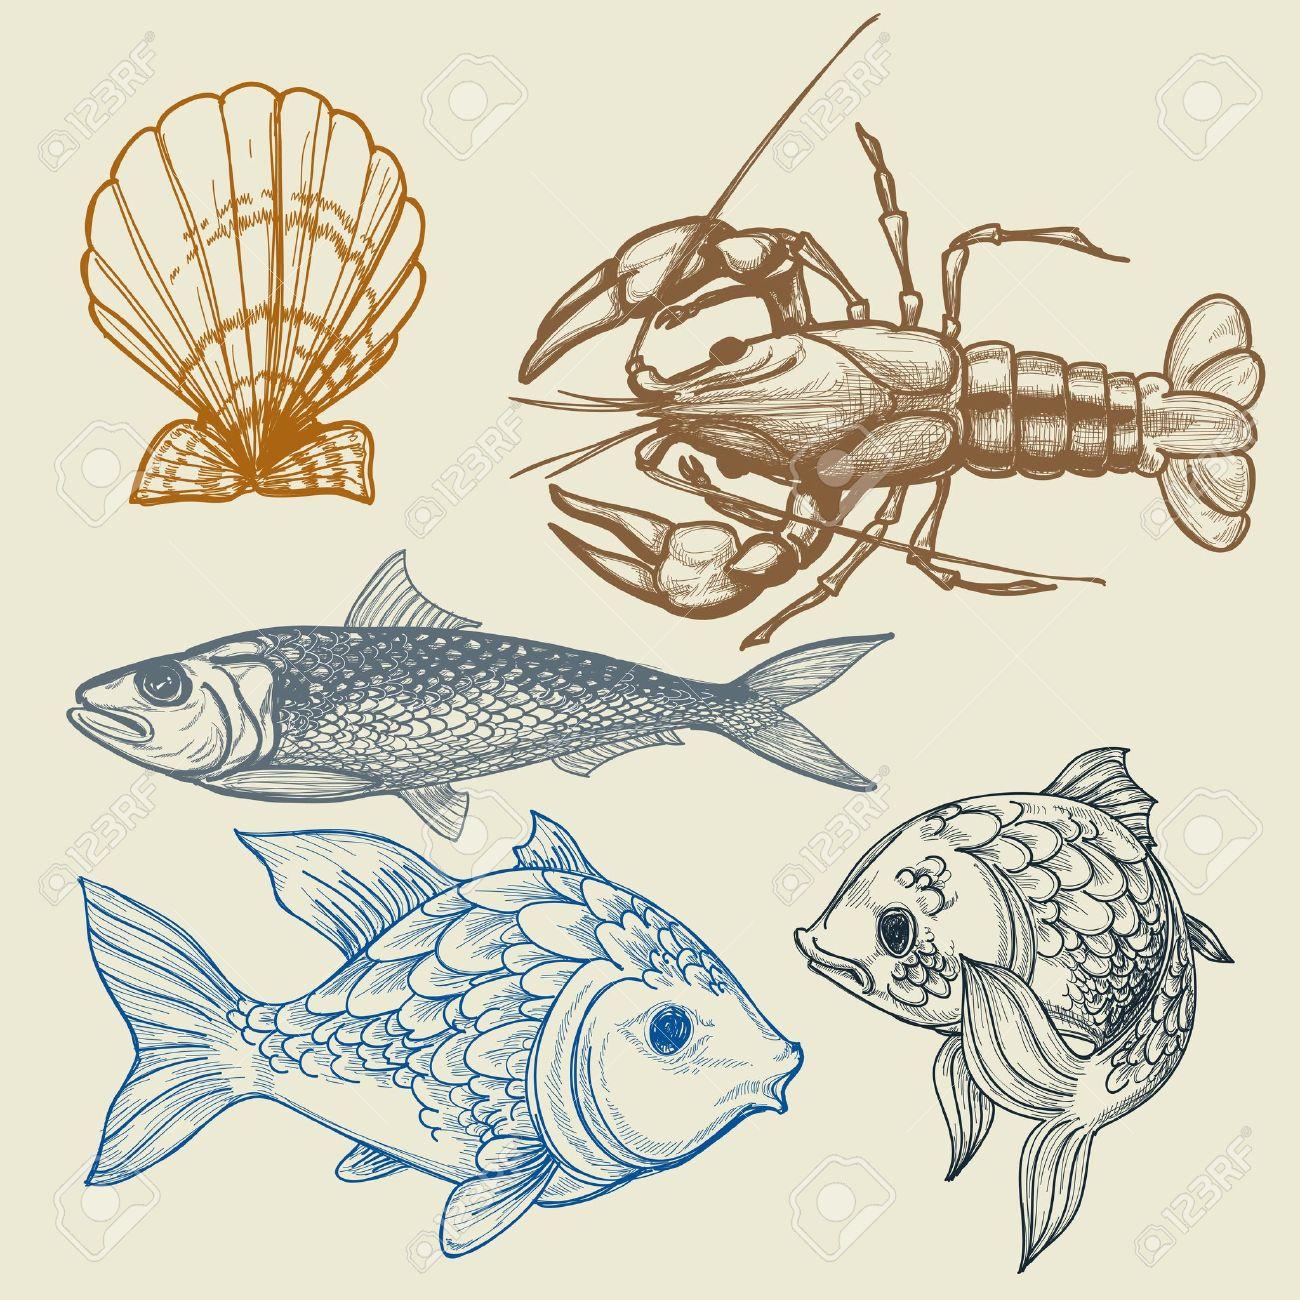 Fish, lobster, shell set - 13219494